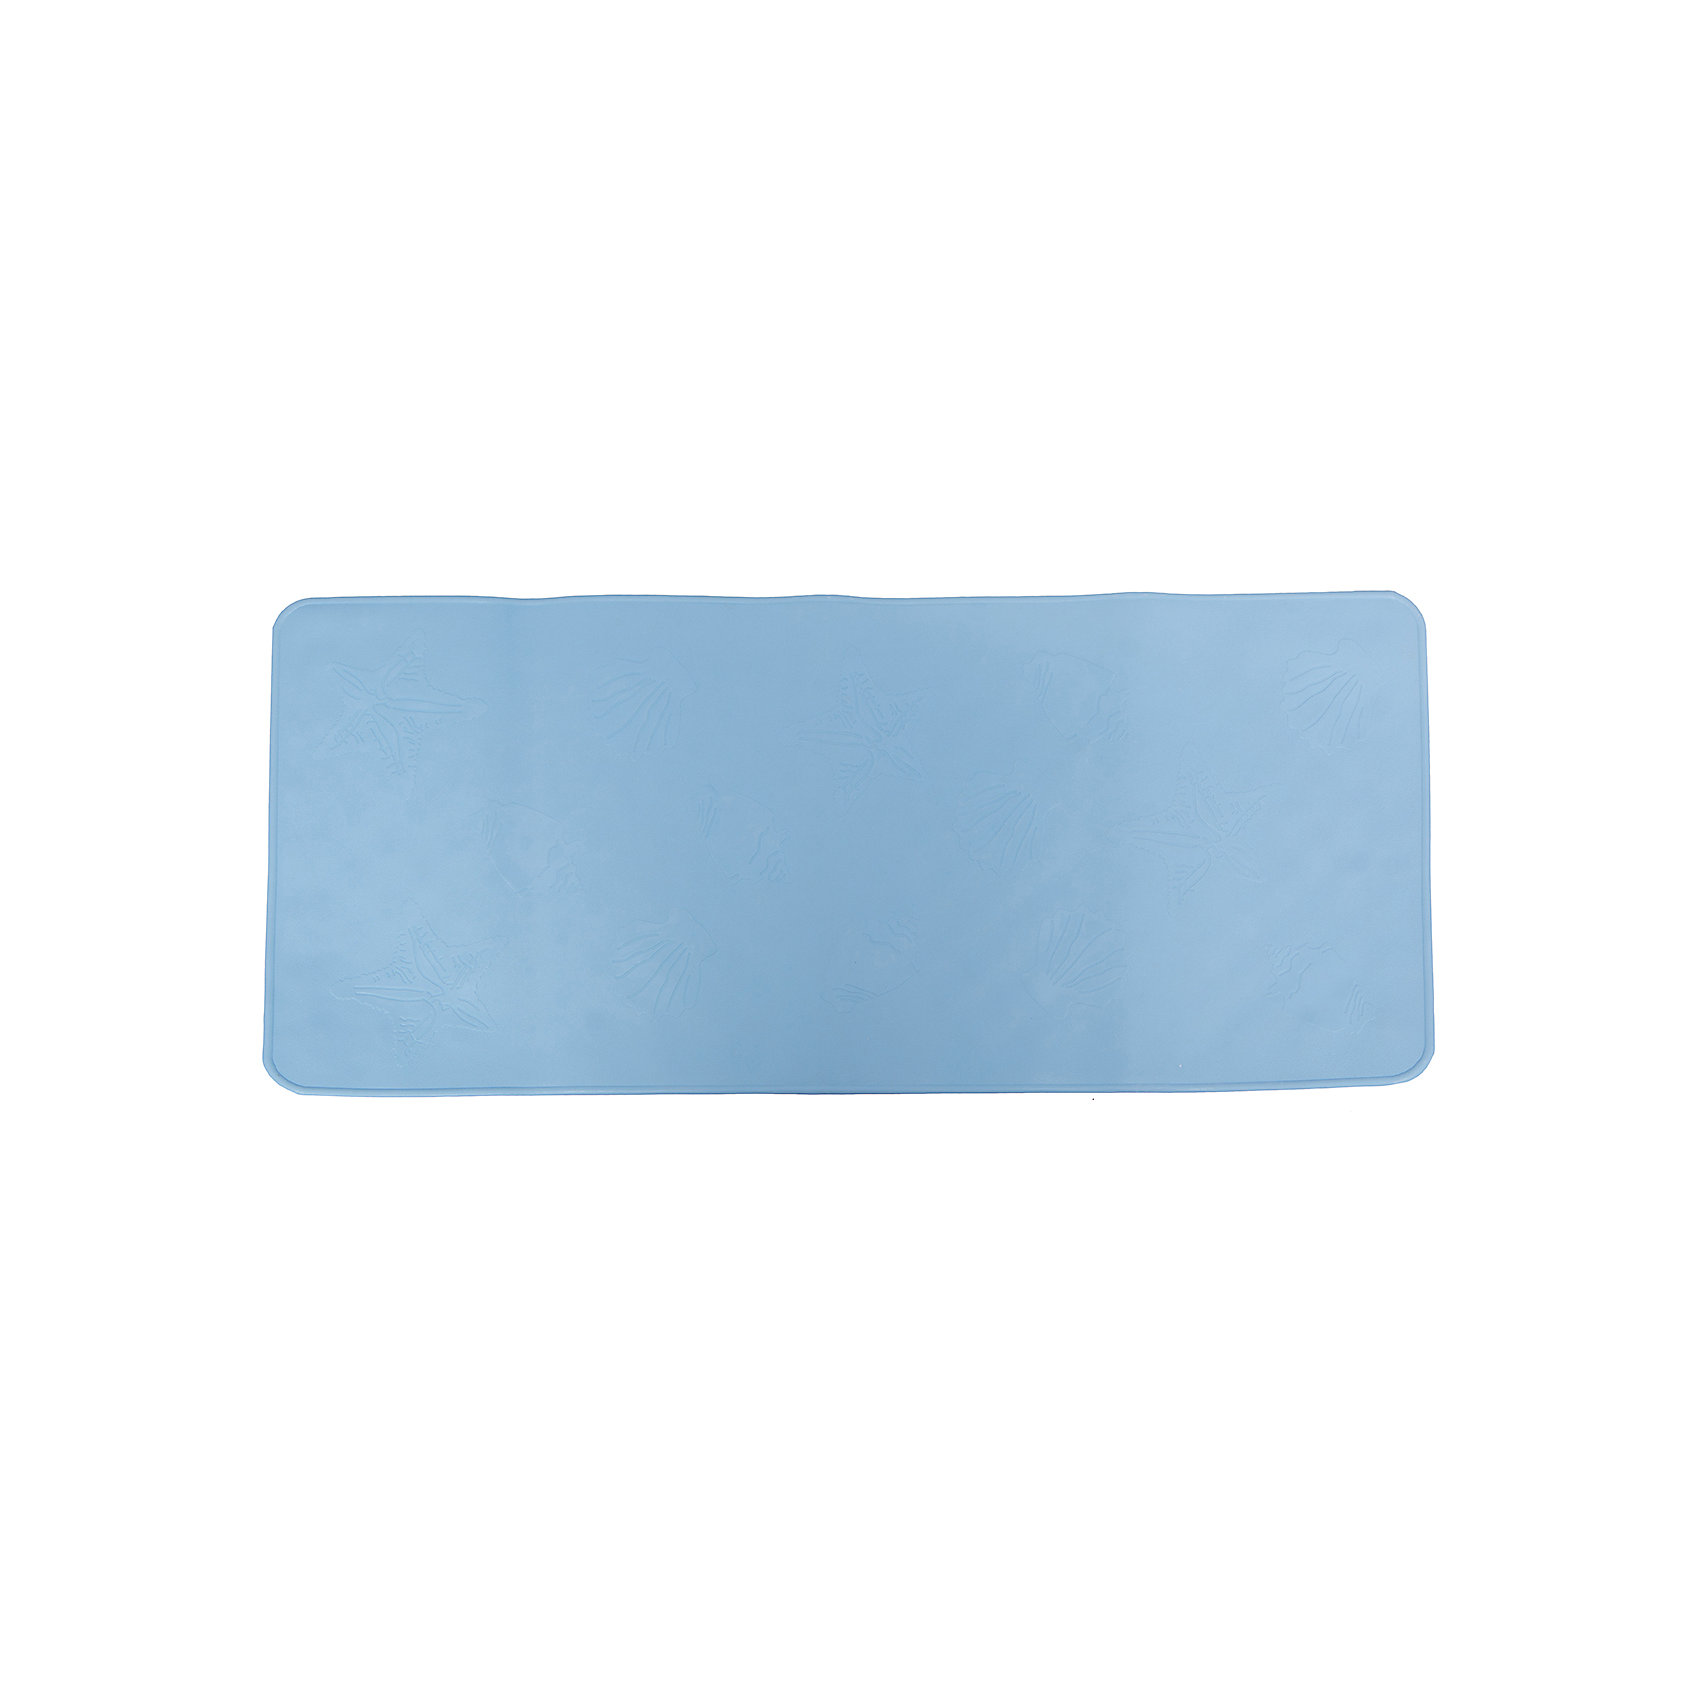 Антискользящий коврик для ванной, Roxy-Kids, голубойАнтискользящий коврик для ванны, Roxy-Kids<br>Противоскользящие коврики для ванны созданы специально для детей и призваны обеспечить комфортное и безопасное купание малышей в ванне. Они обладают целым рядом важных преимуществ:<br>- мягкие присоски надежно прикрепляют коврик ко дну ванны и не дают ему скользить по ванне, как бы активно ни двигался малыш; <br>- специальное покрытие препятствует скольжению ног или тела ребенка по коврику; <br>- поверхность коврика имеет рельефные элементы, обеспечивающие массажные функции, благодаря которым, купание малыша в ванне станет не только простым и безопасным, но еще и полезным.<br>Дополнительная информация:<br>- размеры 34х74 см.;<br>- сделаны из 100% натуральной резины без применения токсичного сырья.<br><br>Антискользящий  коврик для ванны можно купить в нашем интернет-магазине.<br><br>Ширина мм: 340<br>Глубина мм: 740<br>Высота мм: 10<br>Вес г: 300<br>Цвет: голубой<br>Возраст от месяцев: 6<br>Возраст до месяцев: 84<br>Пол: Унисекс<br>Возраст: Детский<br>SKU: 3406185